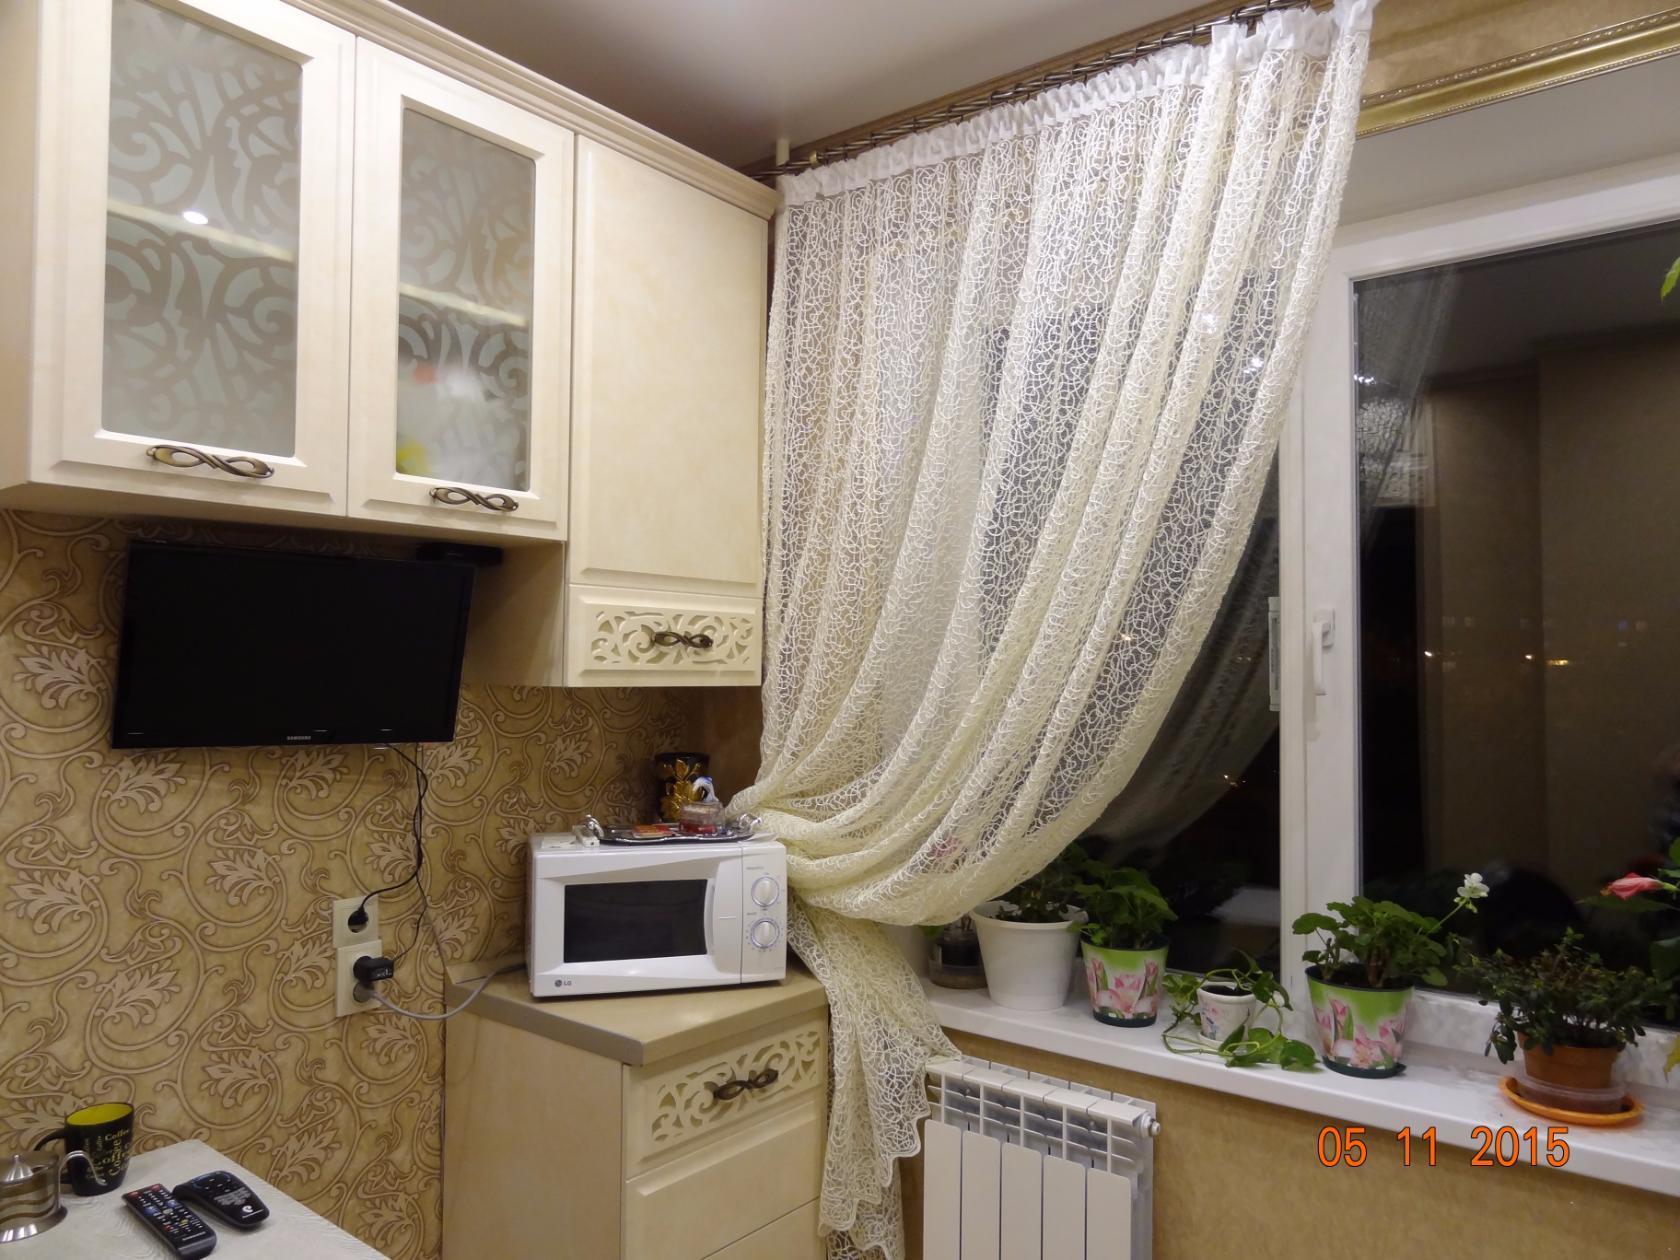 Cocina color beige marrón de la foto